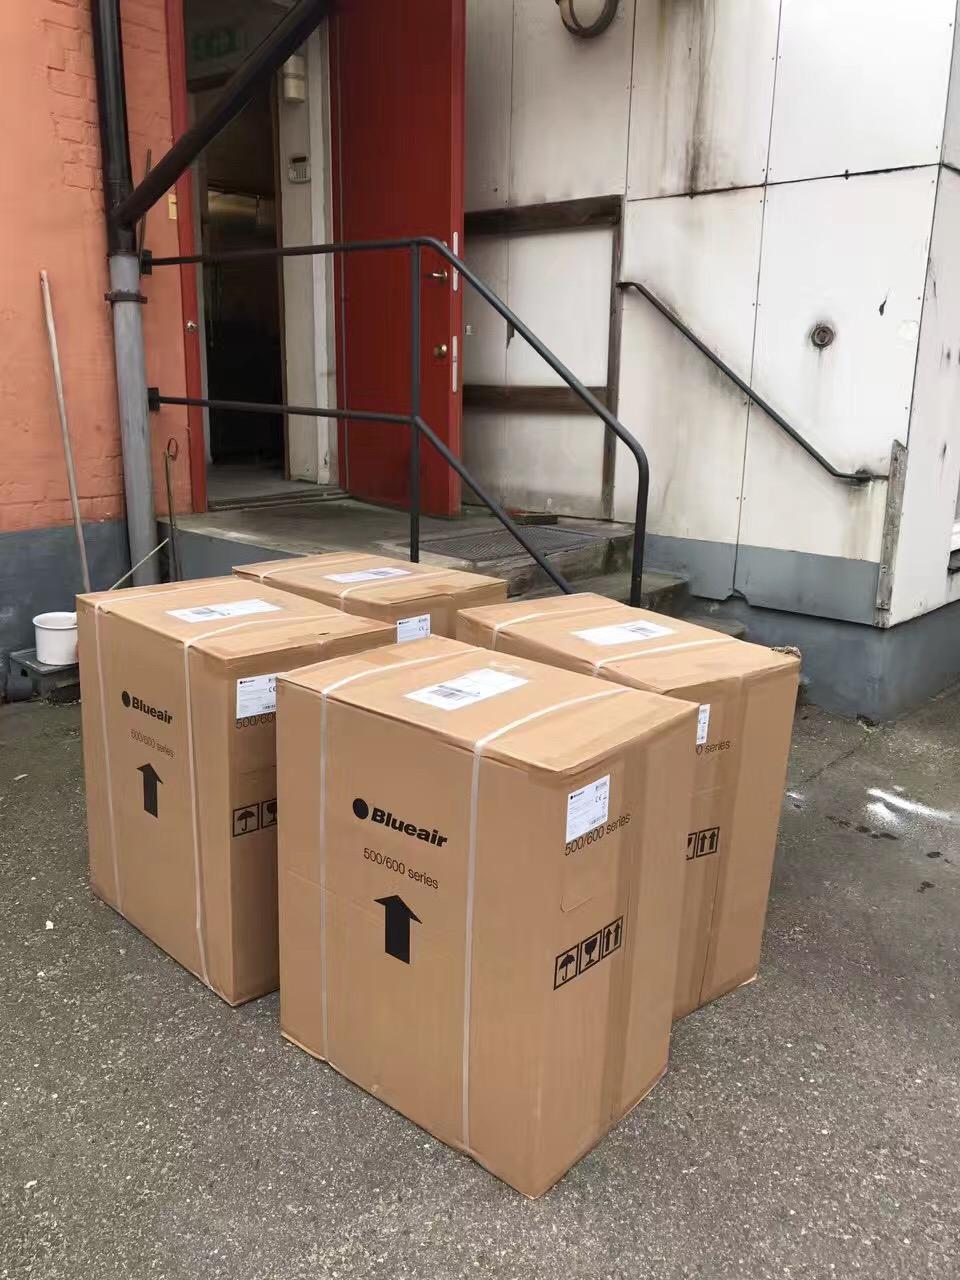 [馒头麻麻百宝箱空气净化,氧吧]瑞典直邮 blueair luftr月销量0件仅售6000元